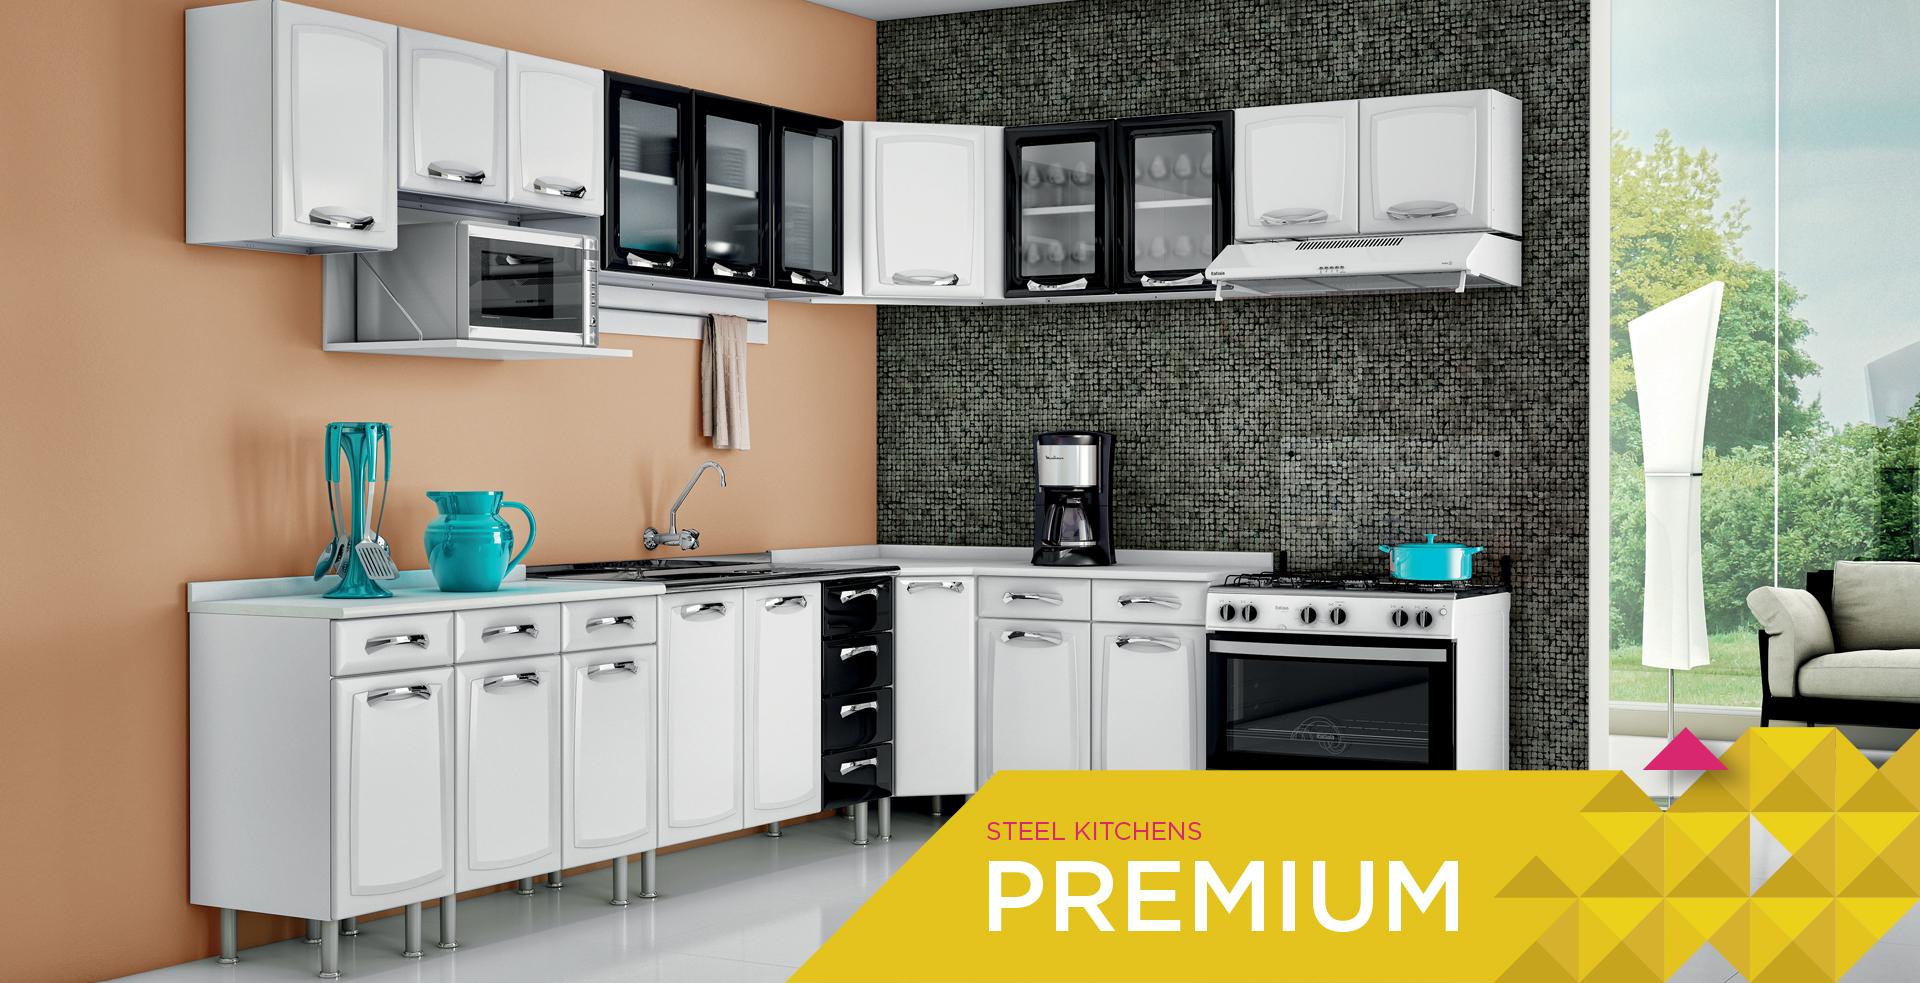 Steel Kitchens Premium | Cozinhas Itatiaia